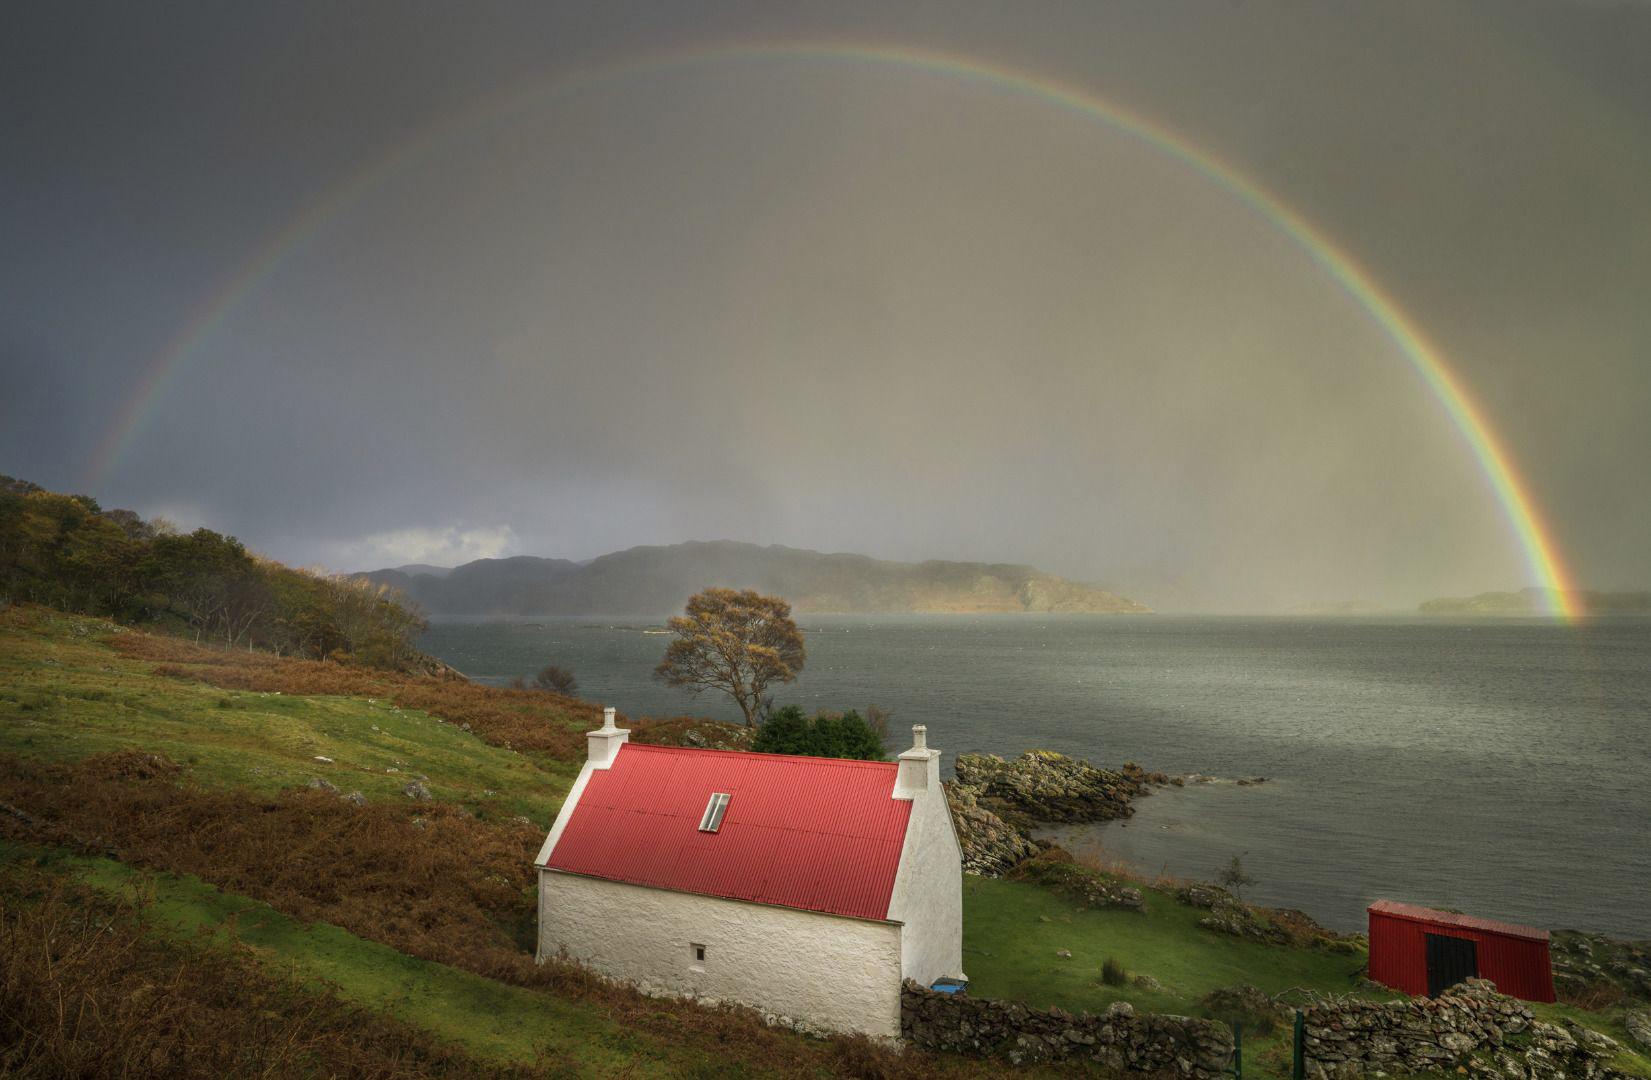 Радуга в Торридоне, © Джейсон Хадсон, Фотоконкурс «Погодный фотограф года» — Weather Photographer of the Year